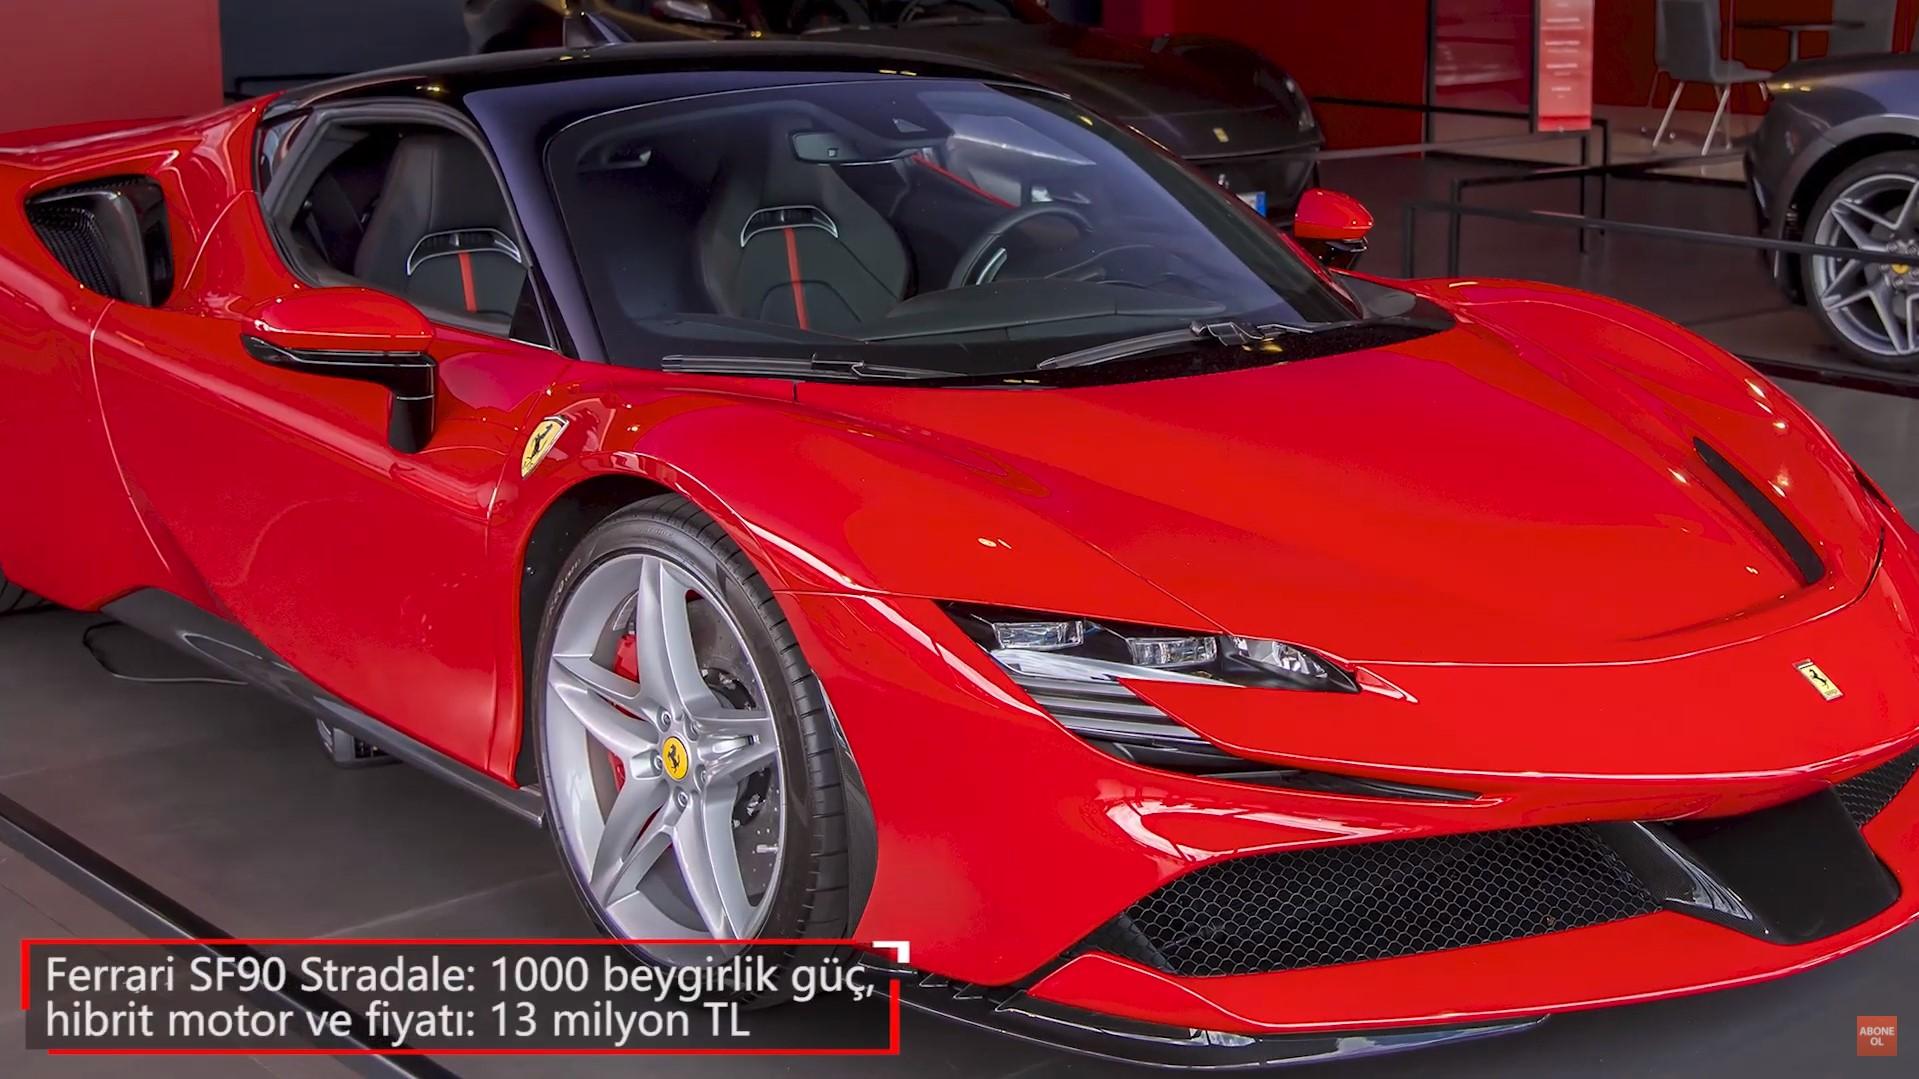 Türkiye'deki En Pahalı Otomobilin Vergisiyle Alınacaklar